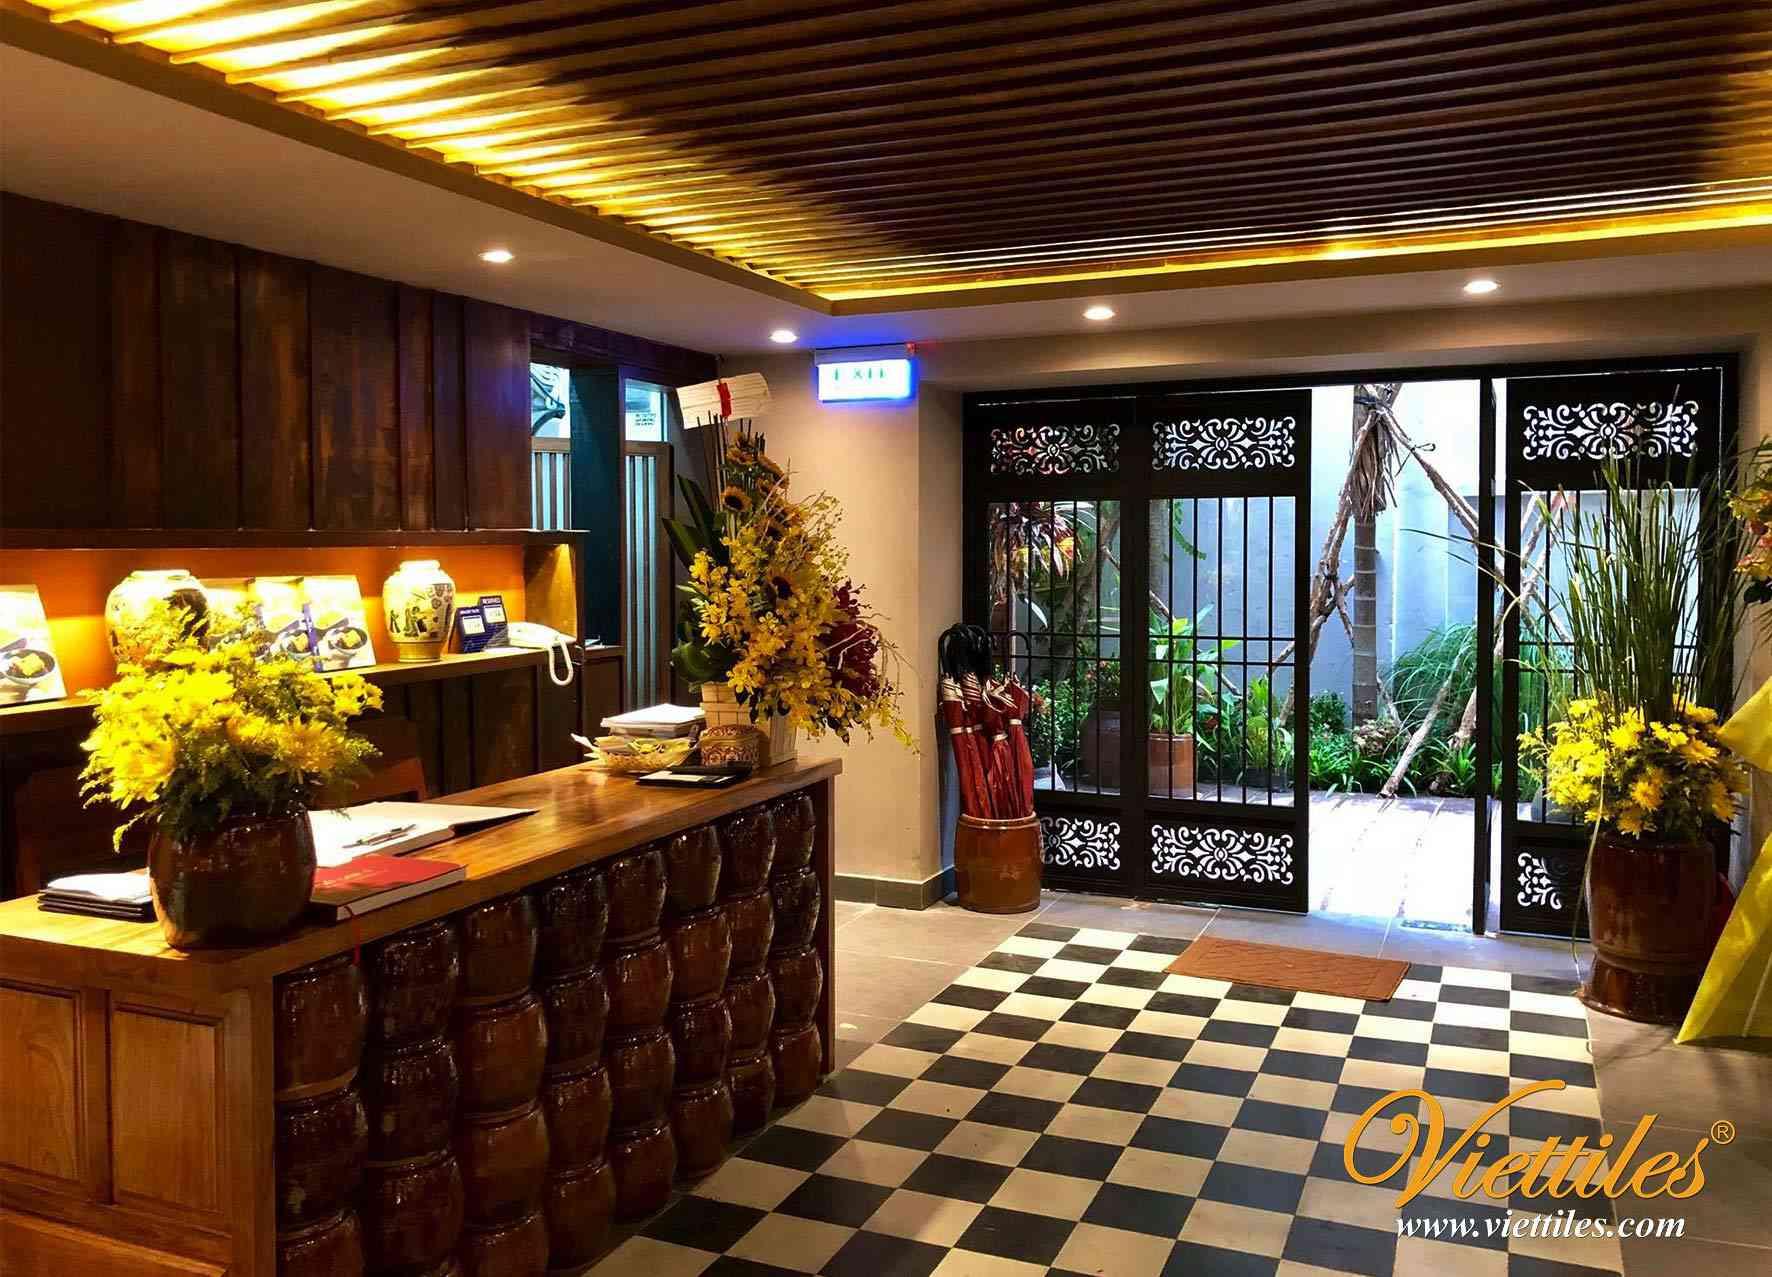 Bep Nha Luc Tinh Restaurant - HCMC, Vietnam